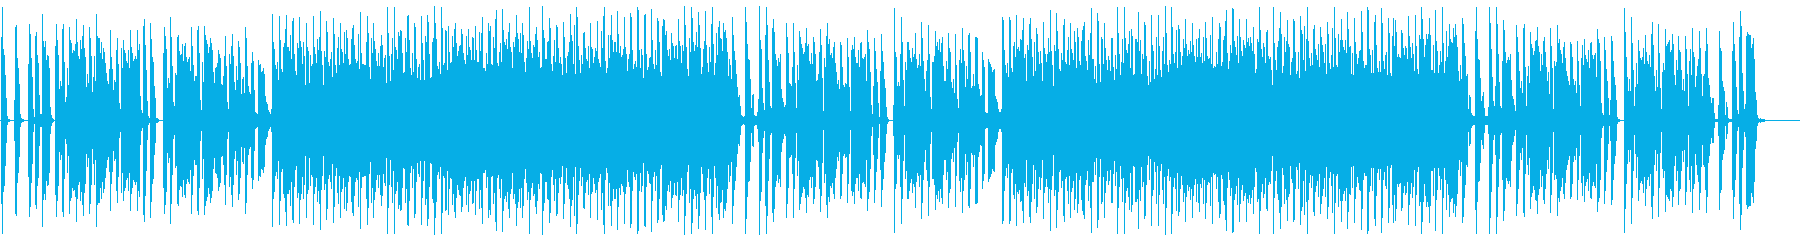 カントリーやラグタイム風のコミカル音楽の再生済みの波形